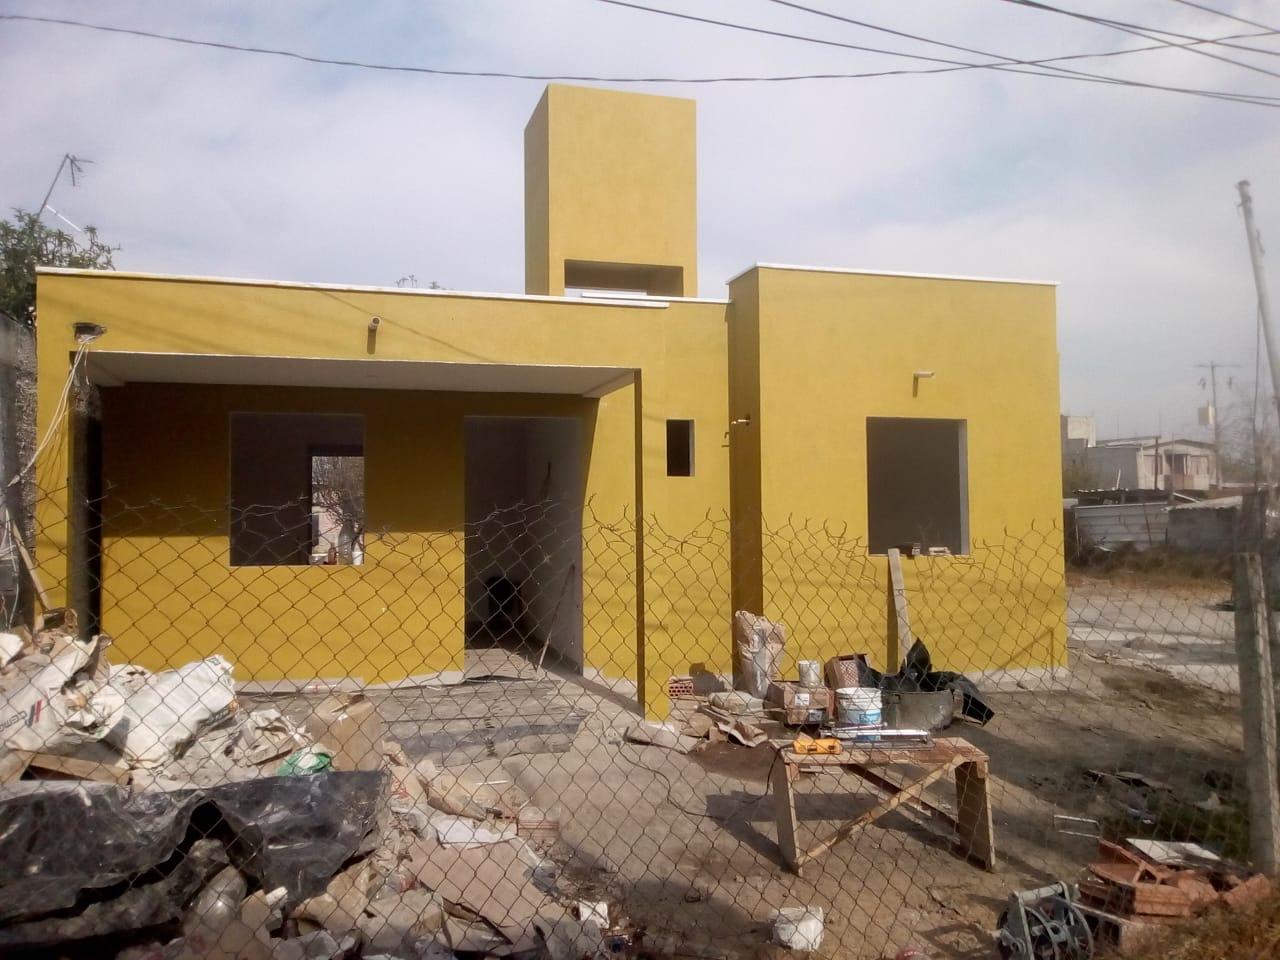 RECONSTRUCCIÓN DE LA CIUDAD DE MÉXICO. TLÁHUAC, CUADRANTE 11